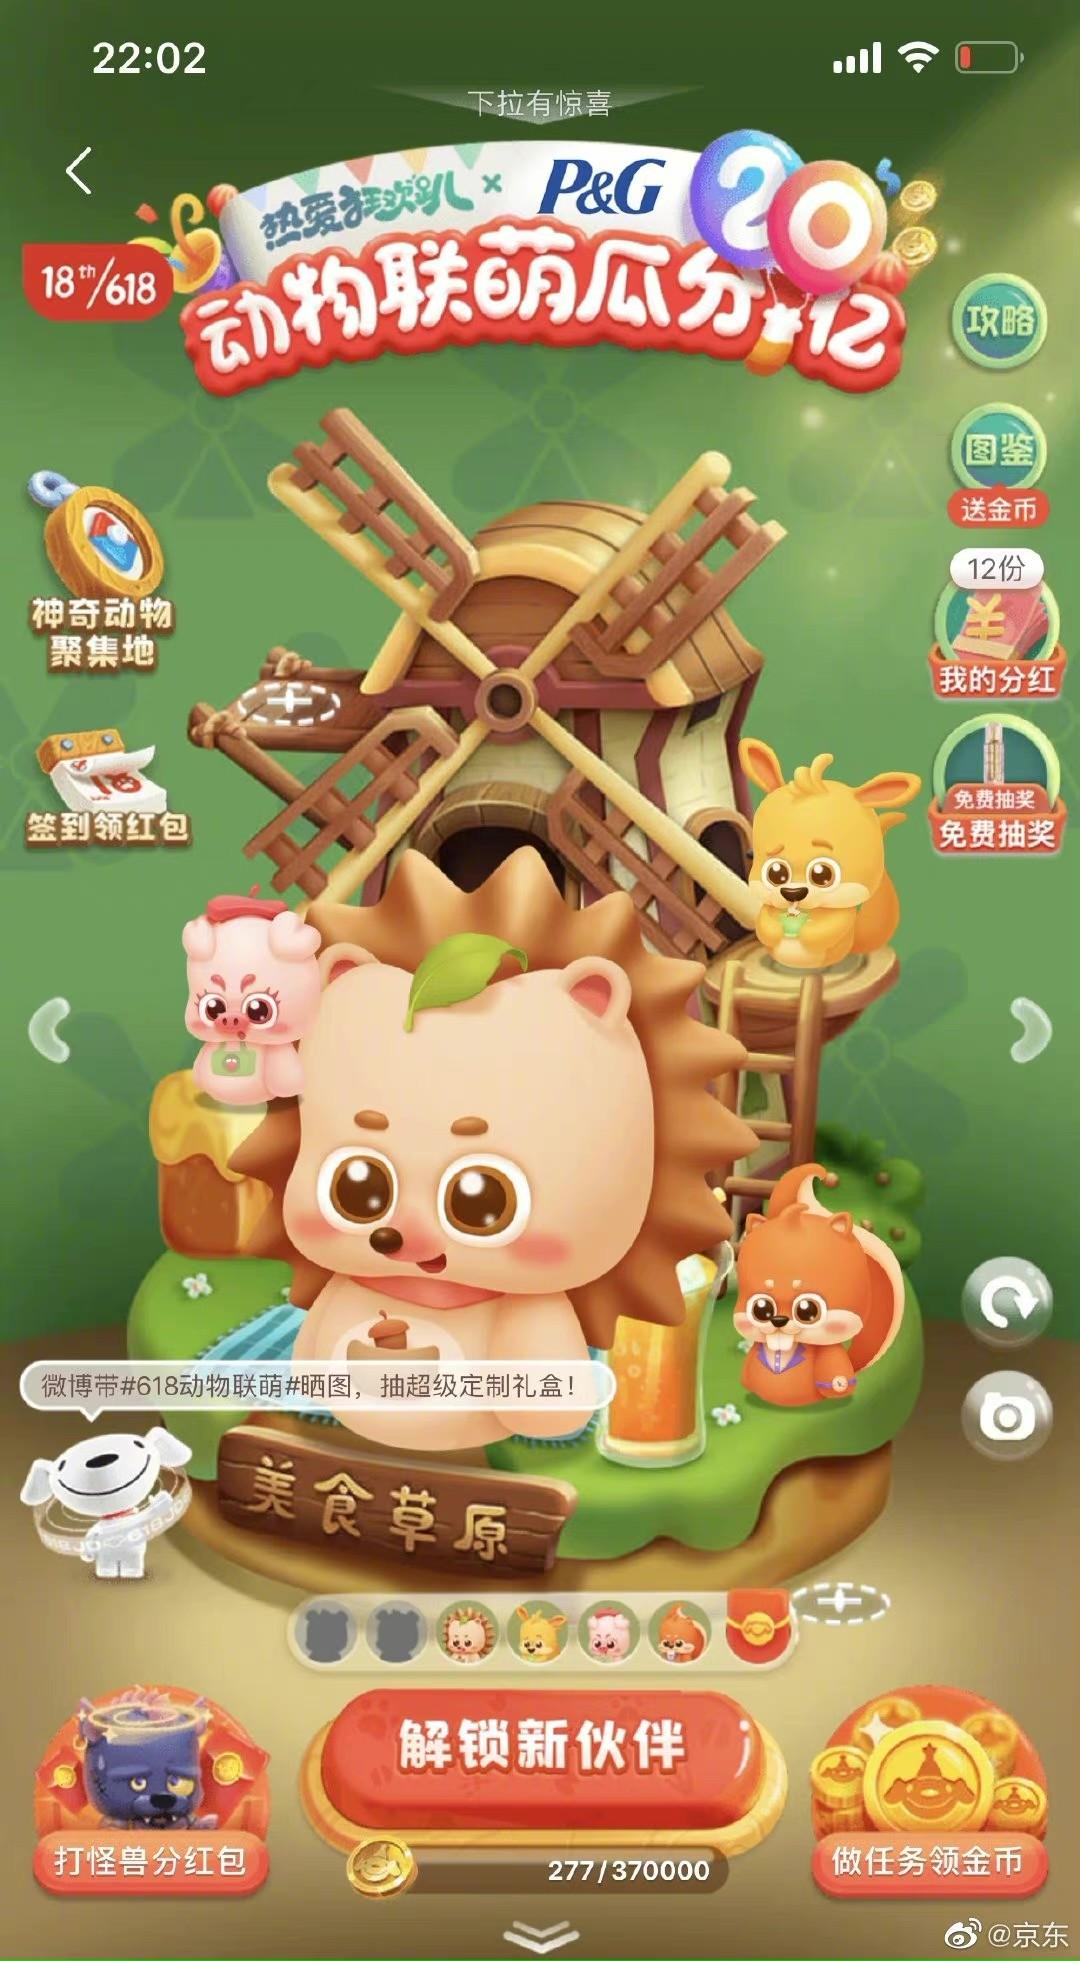 高自由度玩法DIY超萌小动物,来京东618动物联萌瓜分20亿现金